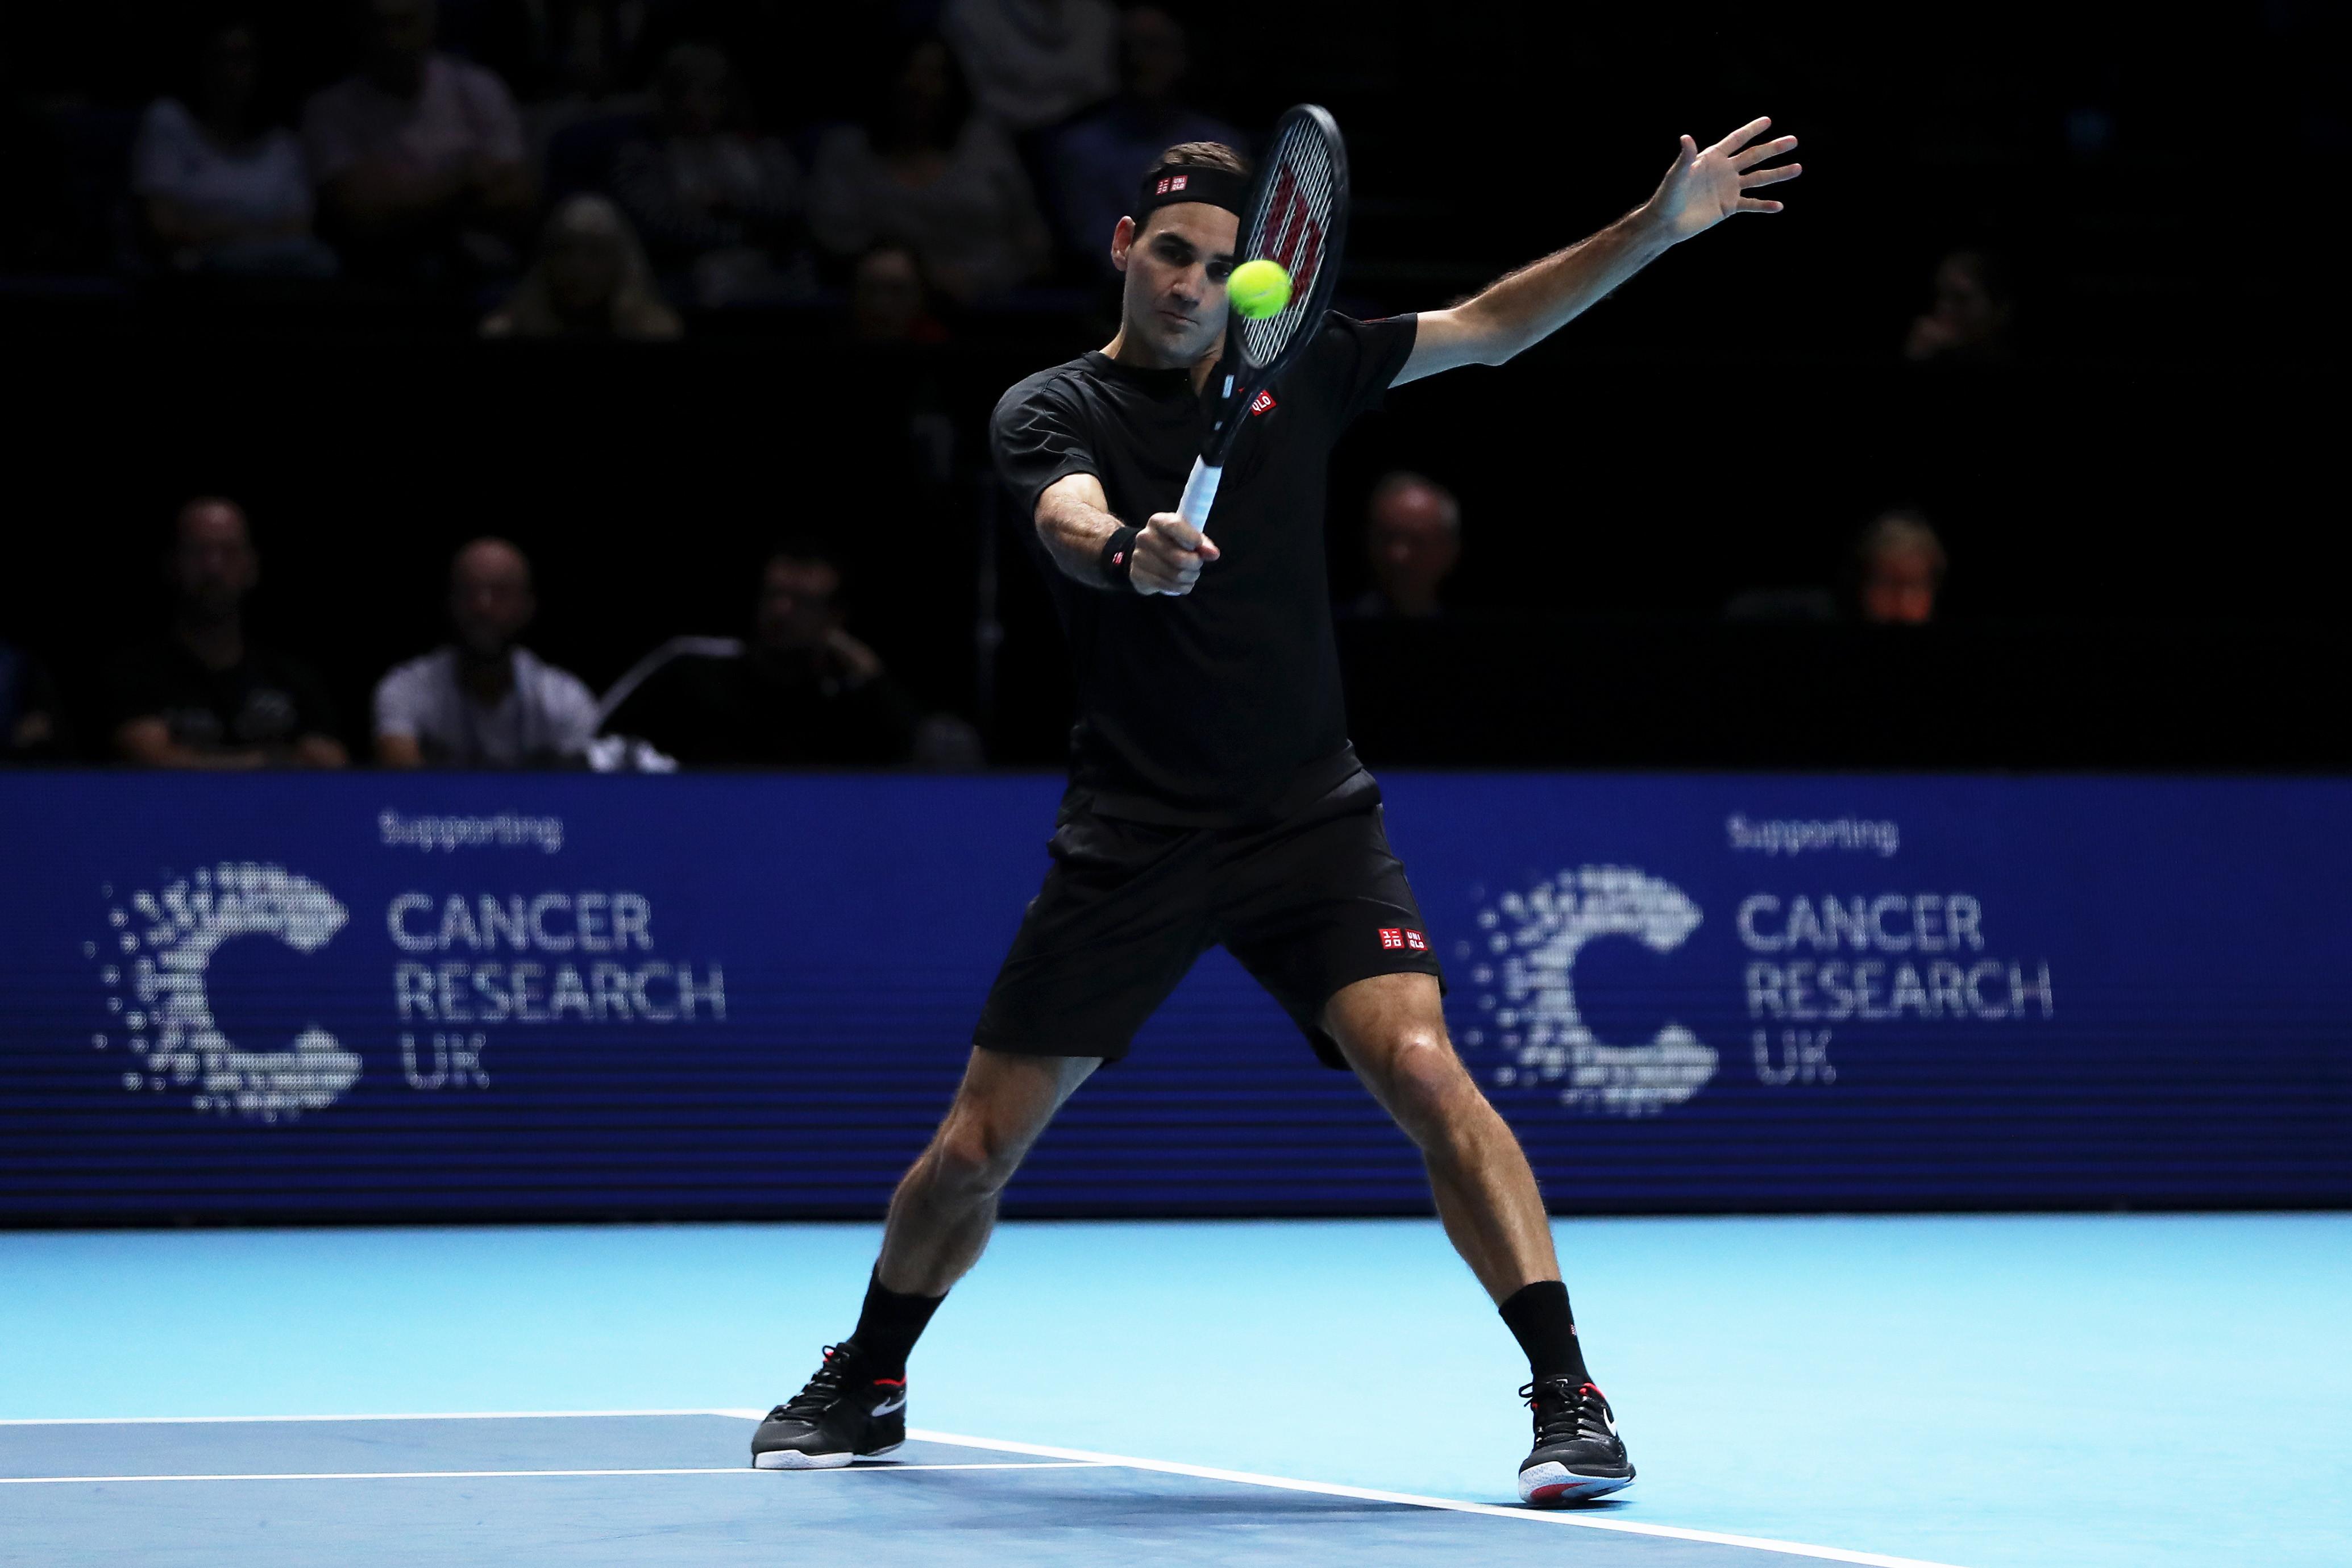 ATP Finals, l'azzurro costringe al tie-break King Roger nel primo set, poi crolla nel secondo parziale